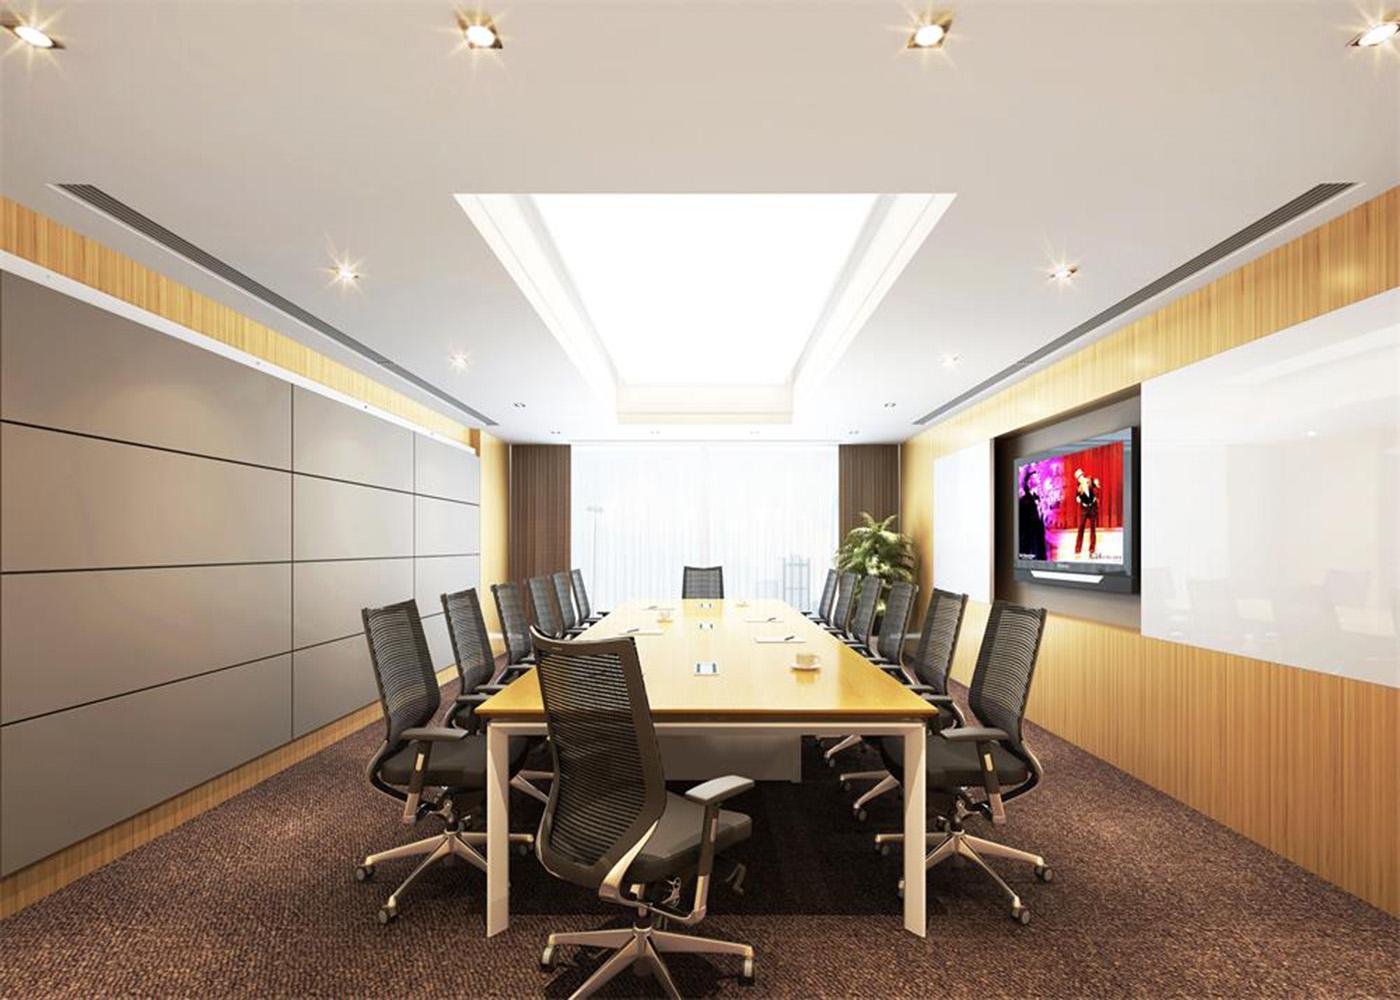 贝尔特会议桌A08,上海会议桌,【尺寸 价格 图片 品牌】